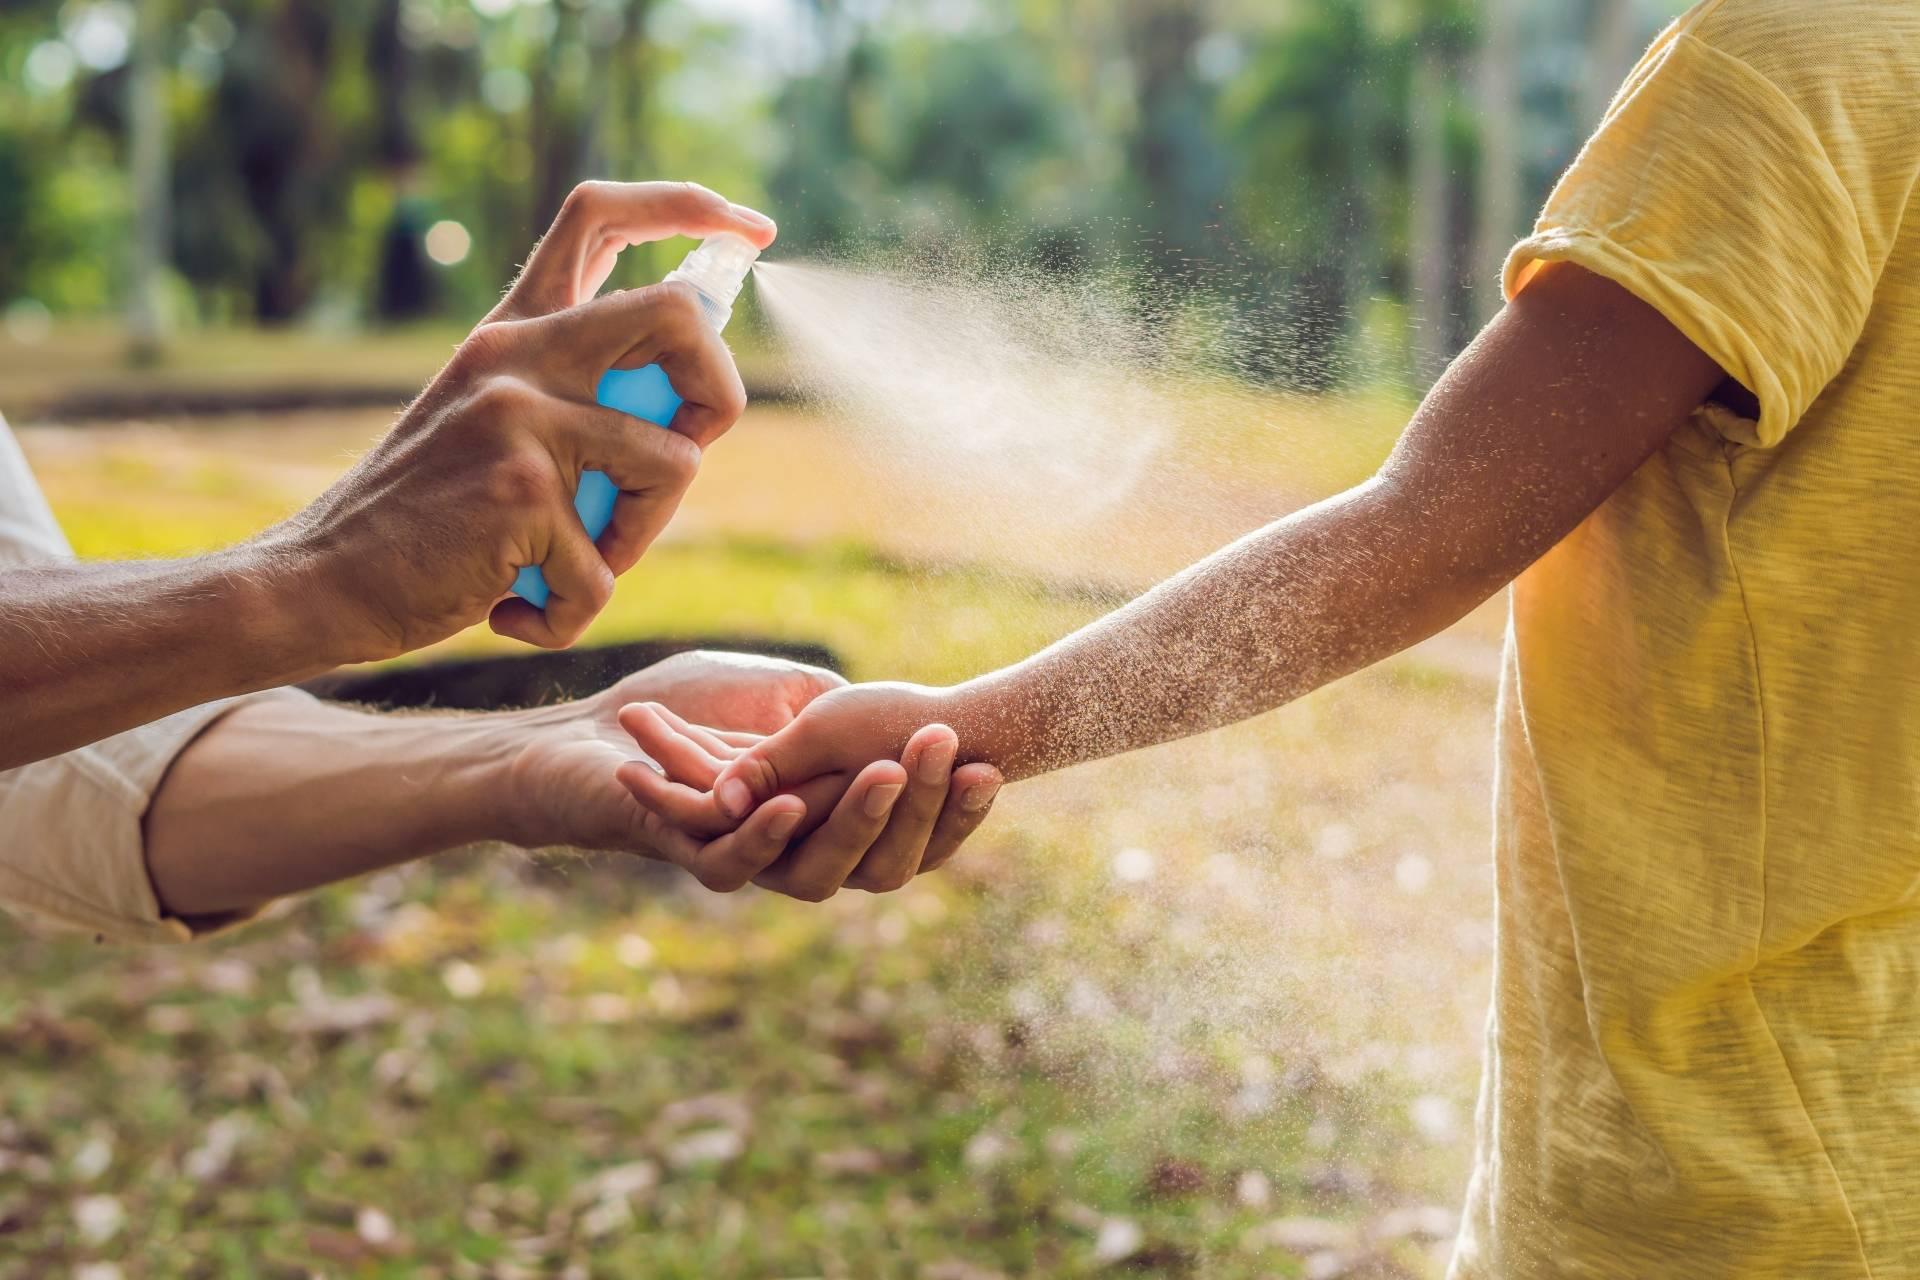 Domowe i naturalne sposoby na komary, kleszcze i inne owady. Jak zrobić domowy spray na komary? Ojciec pryska środek na komary na rękę dziecka.